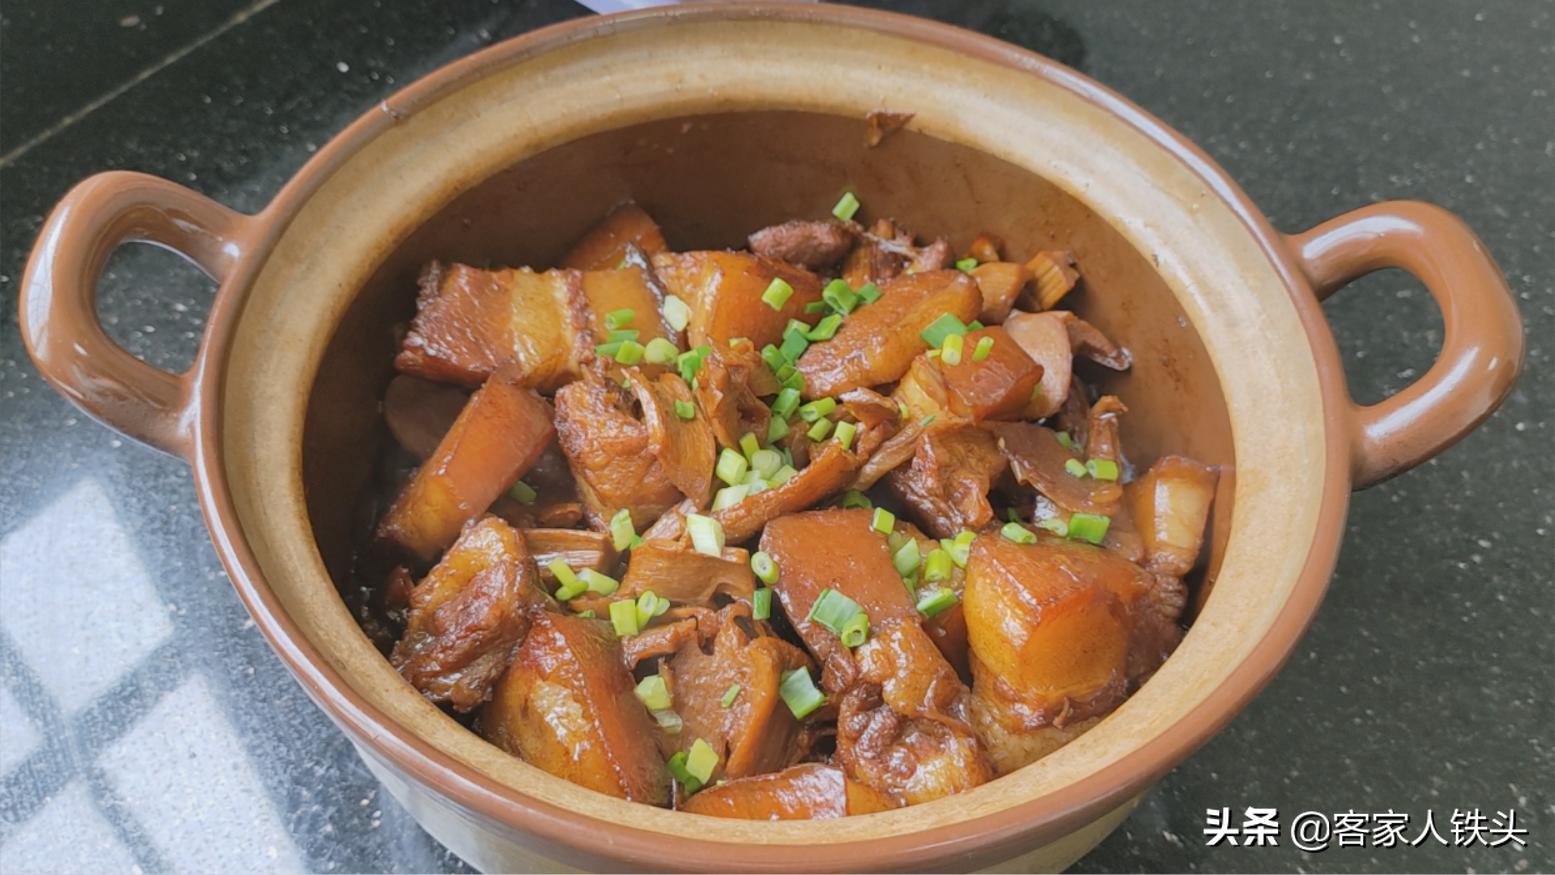 客家人过节少不了的一锅肉,教你正宗传统的做法,好吃不腻味道香